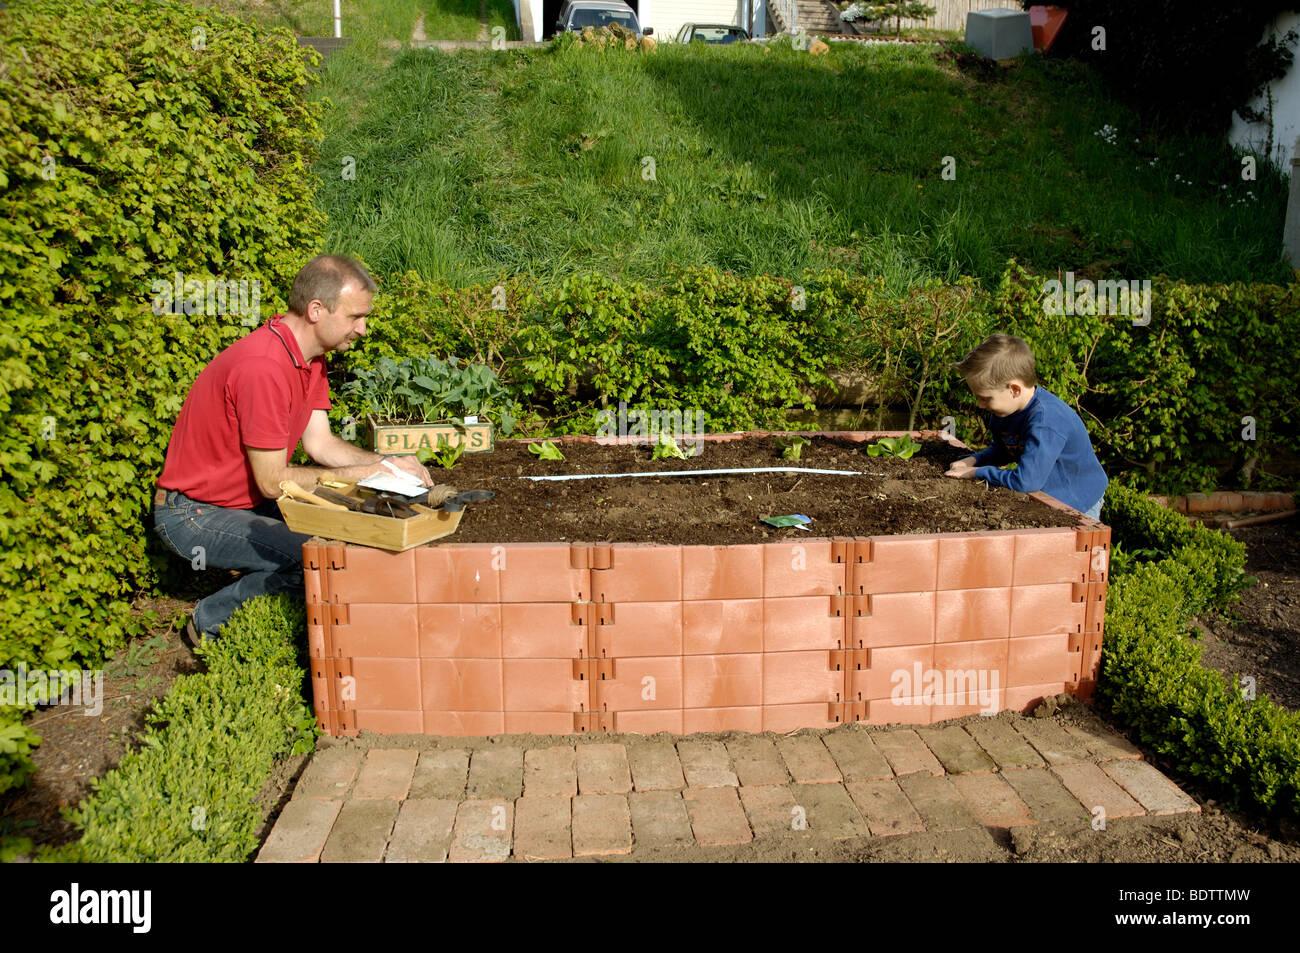 mann und junge bepflanzen hochbeet stockfoto lizenzfreies bild 25747145 alamy. Black Bedroom Furniture Sets. Home Design Ideas